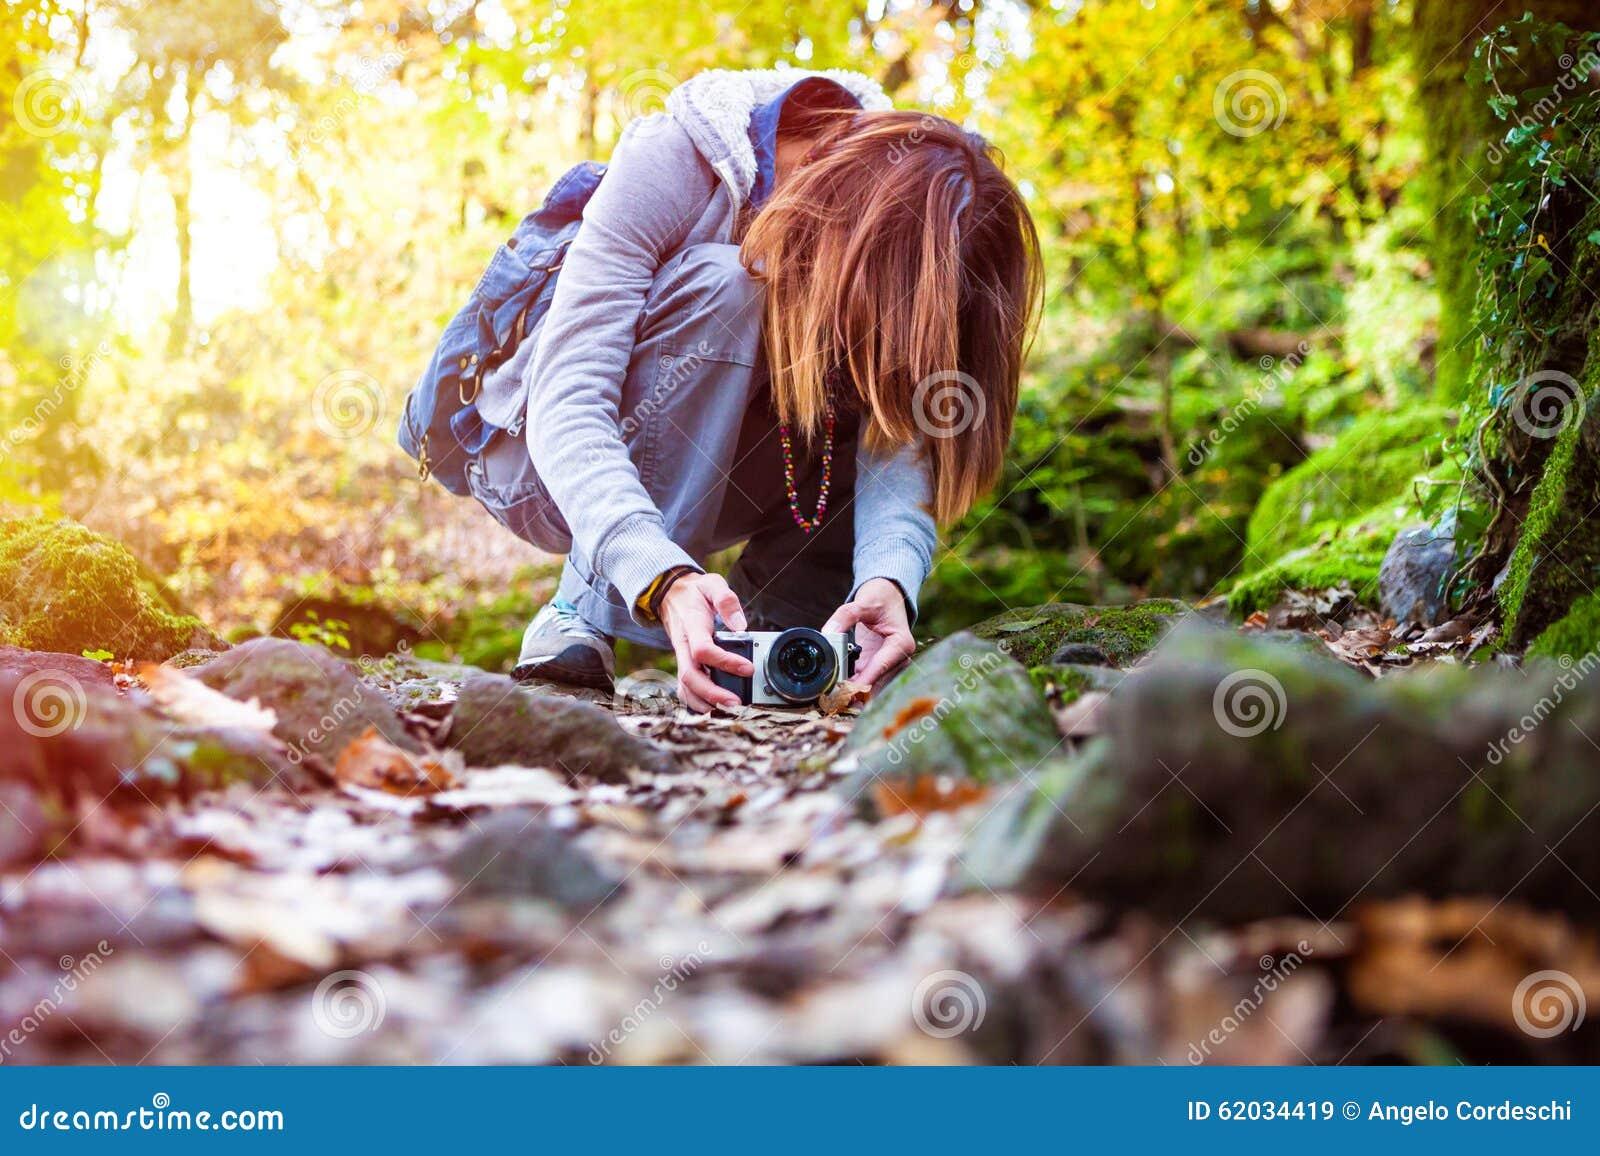 Photographie de nature Femme de photographe dans les bois de forêt